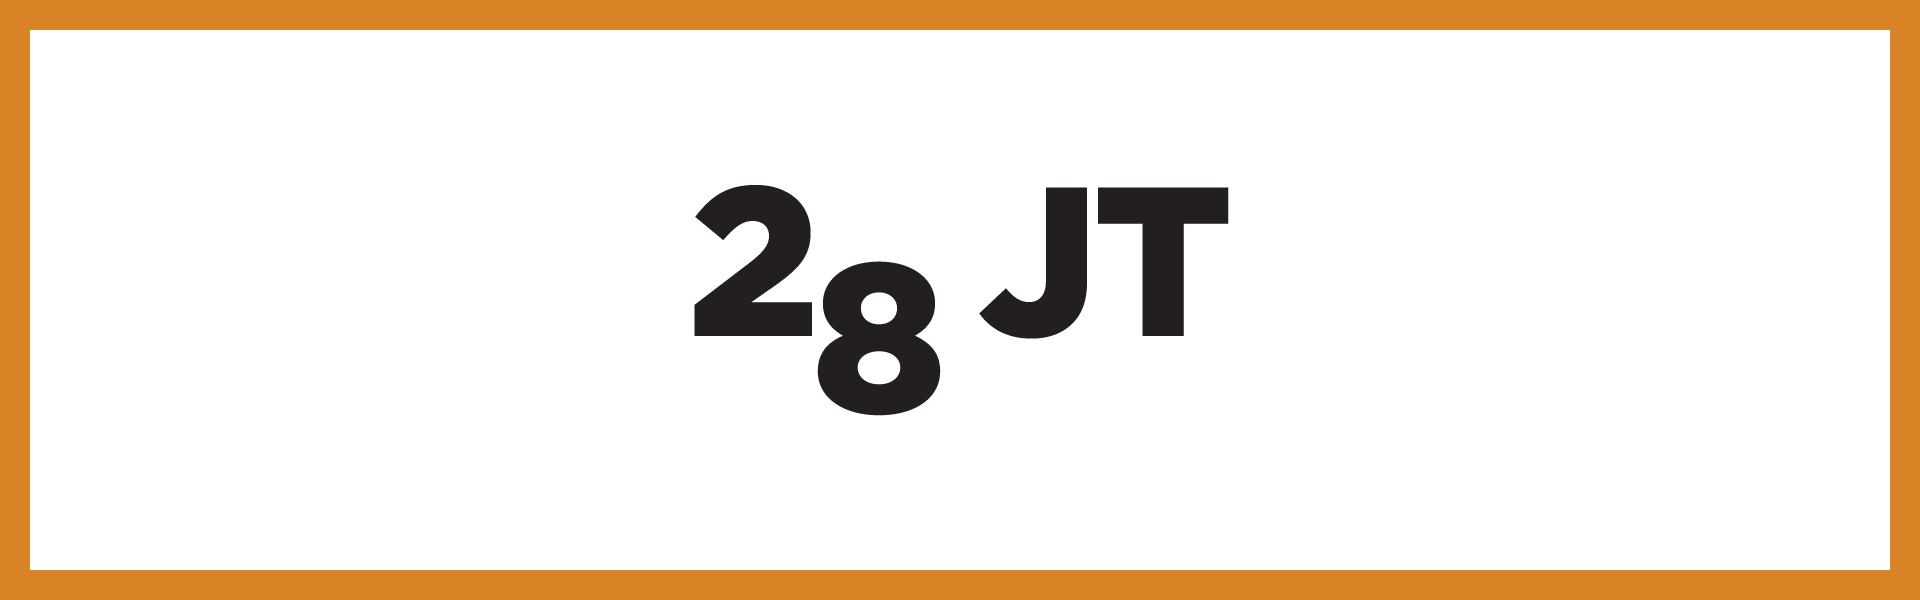 28JT-main-slide